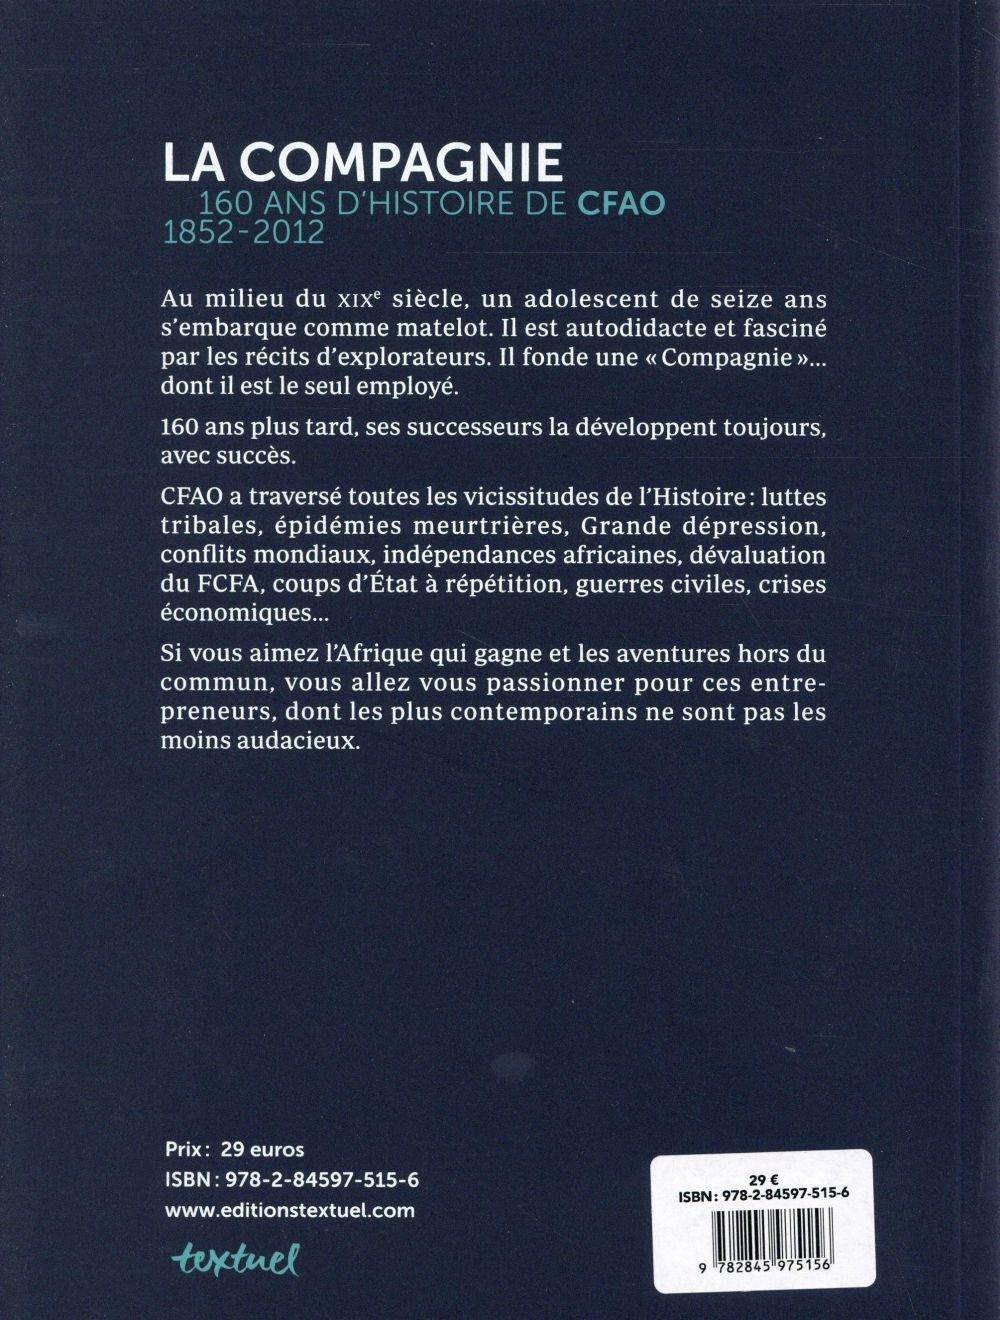 La compagnie ; 160 ans d'histoire de CFAO : 1852-2012